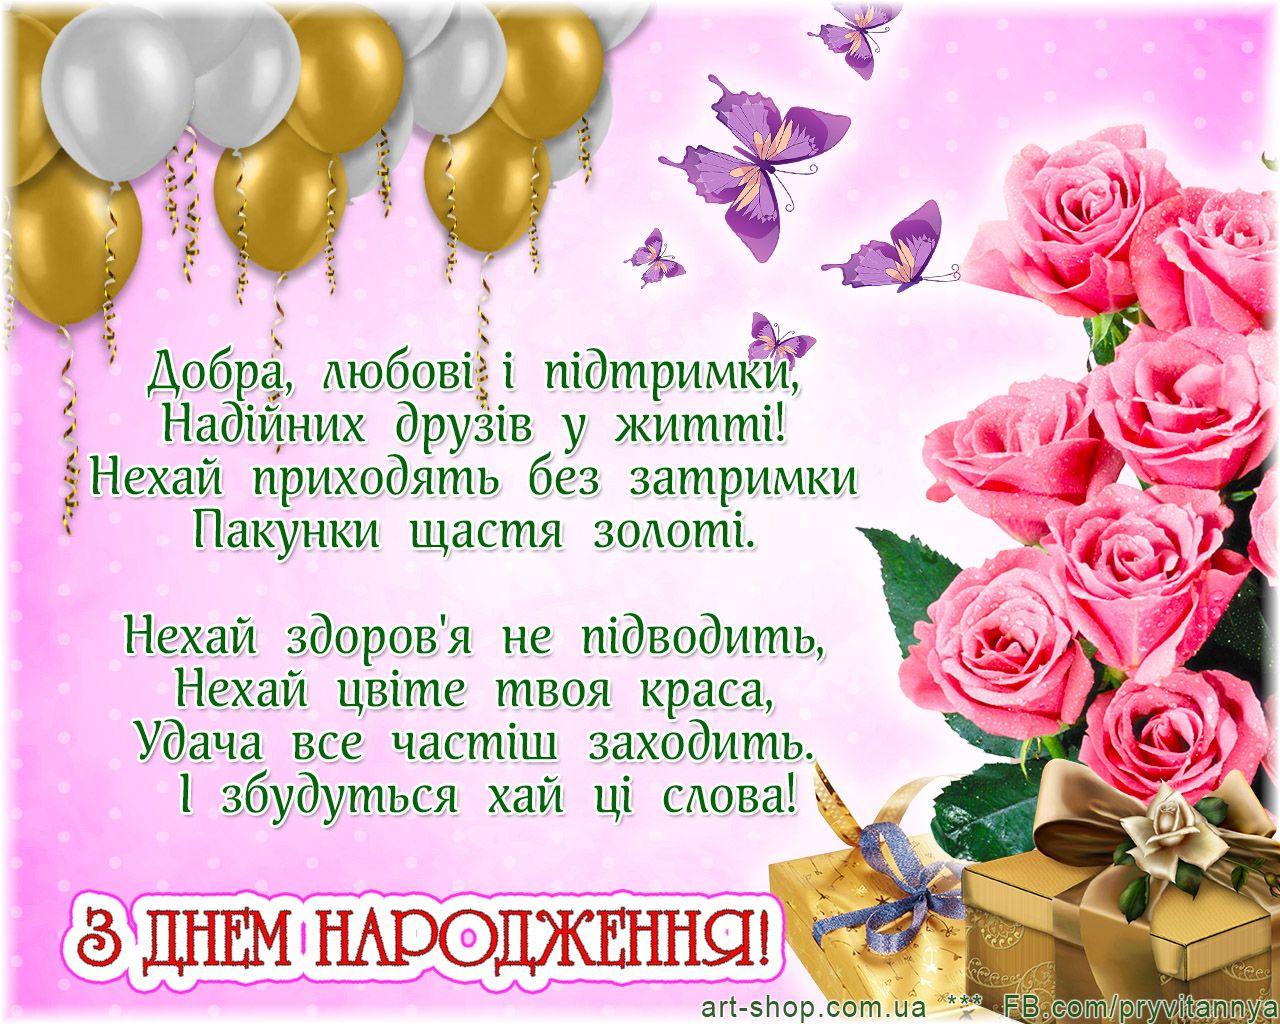 Поздравление с днем рождения на украинском языке открытки, открытка февраля своими